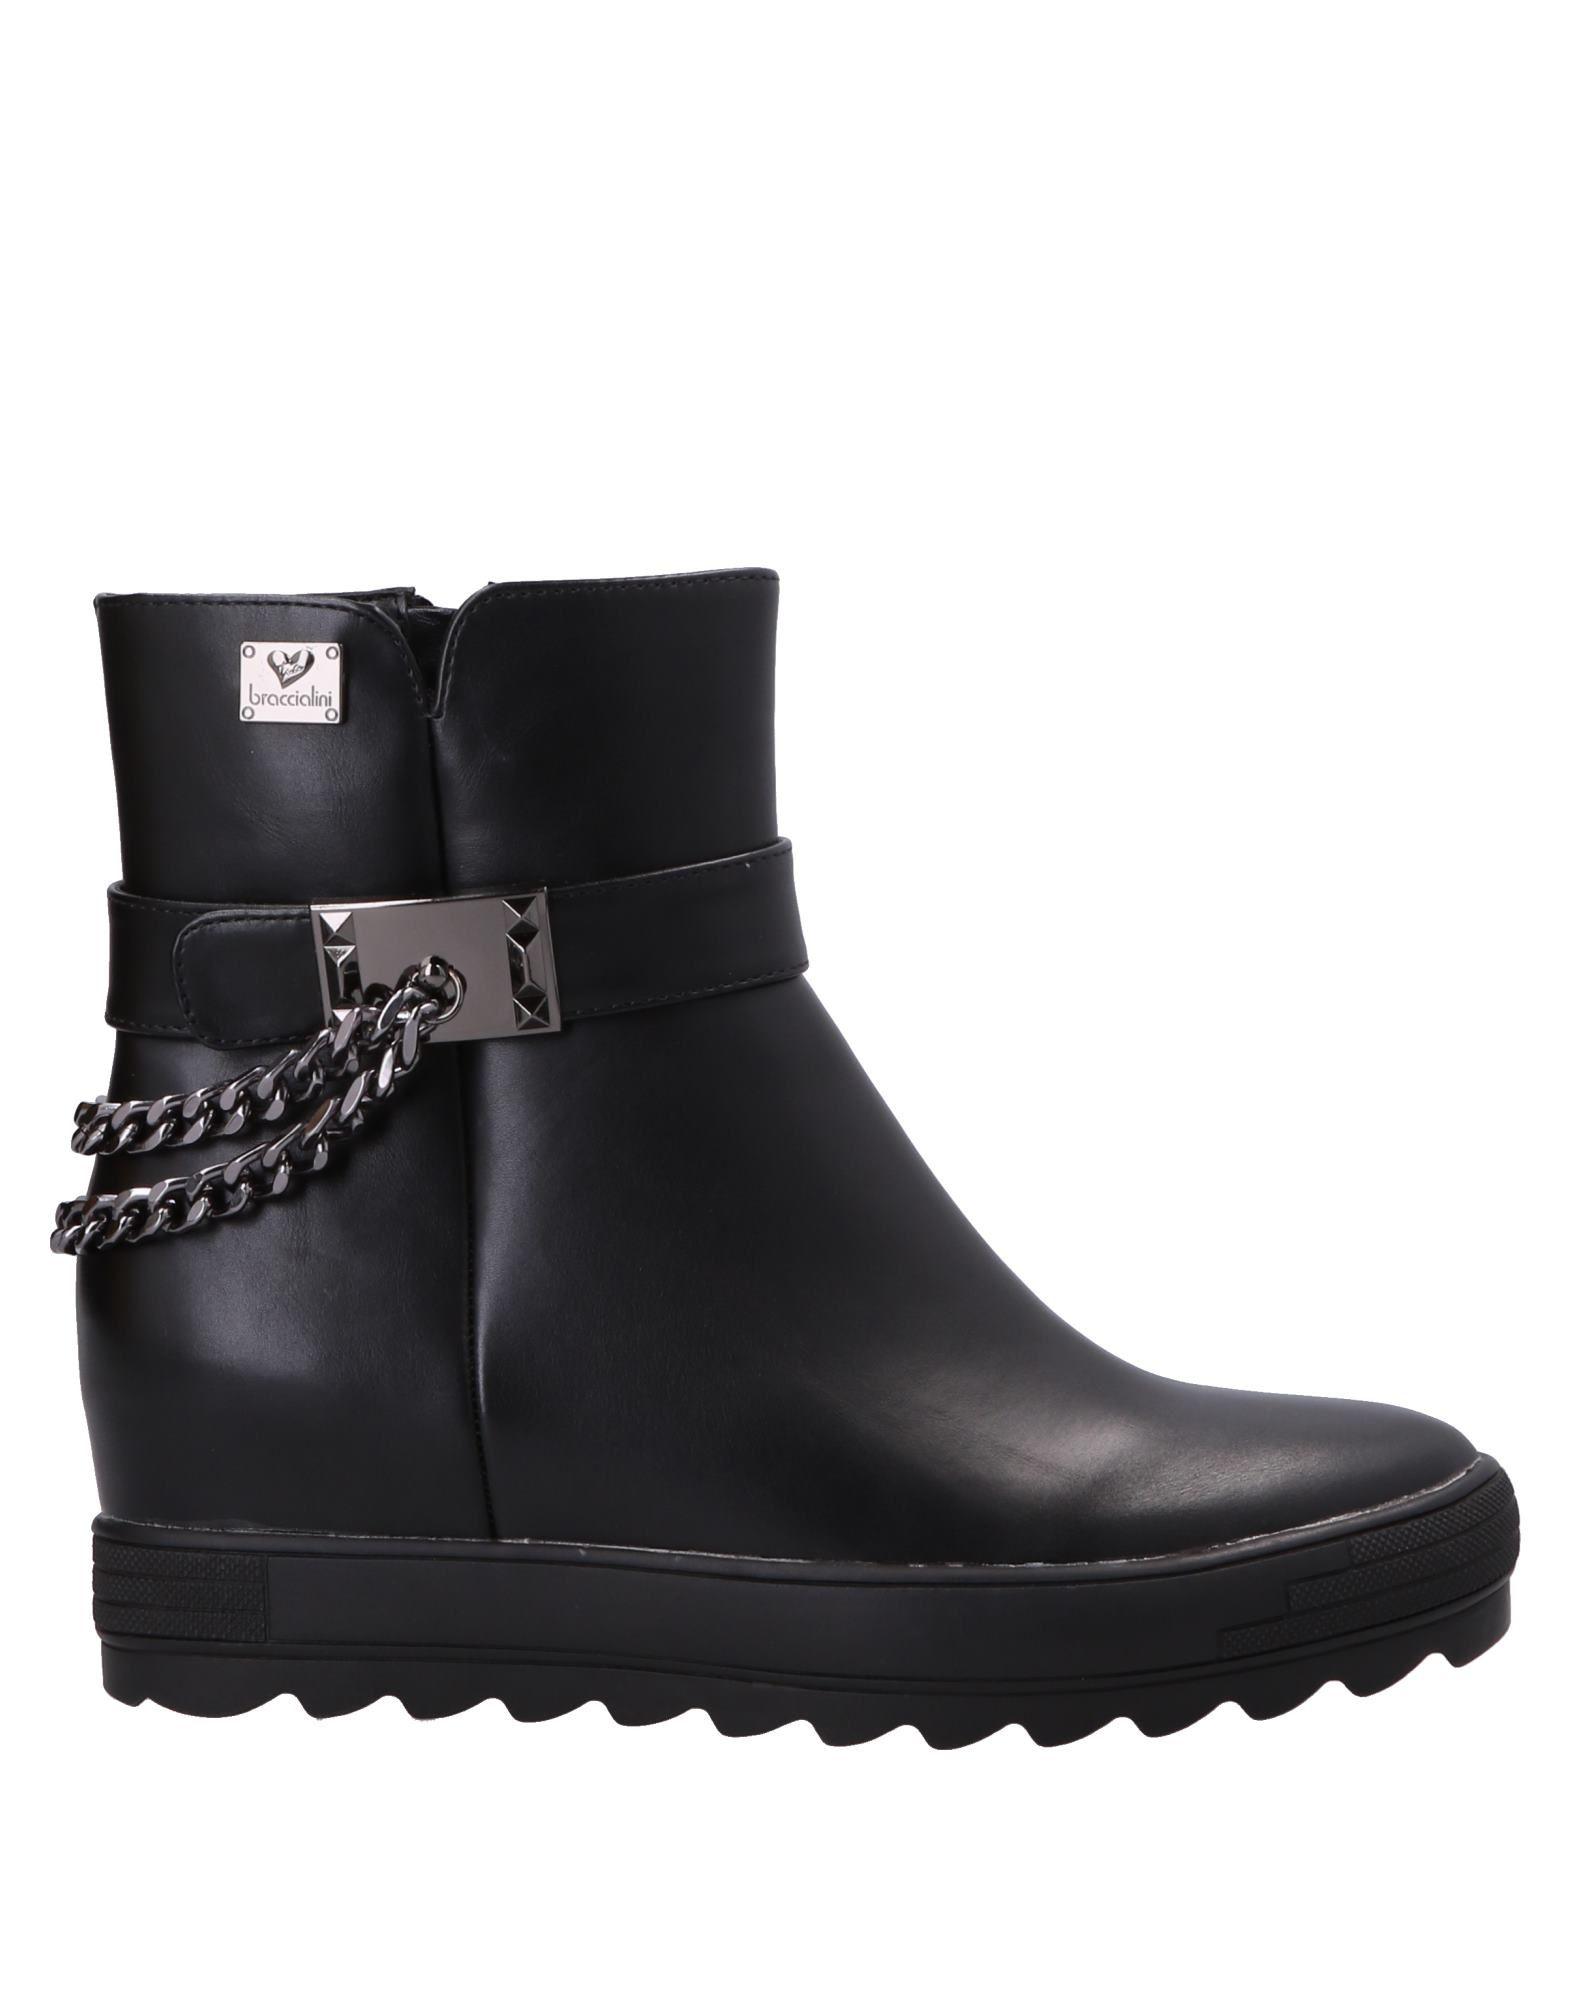 Tua By Braccialini Qualität Stiefelette Damen  11526208SH Gute Qualität Braccialini beliebte Schuhe 8ad95f